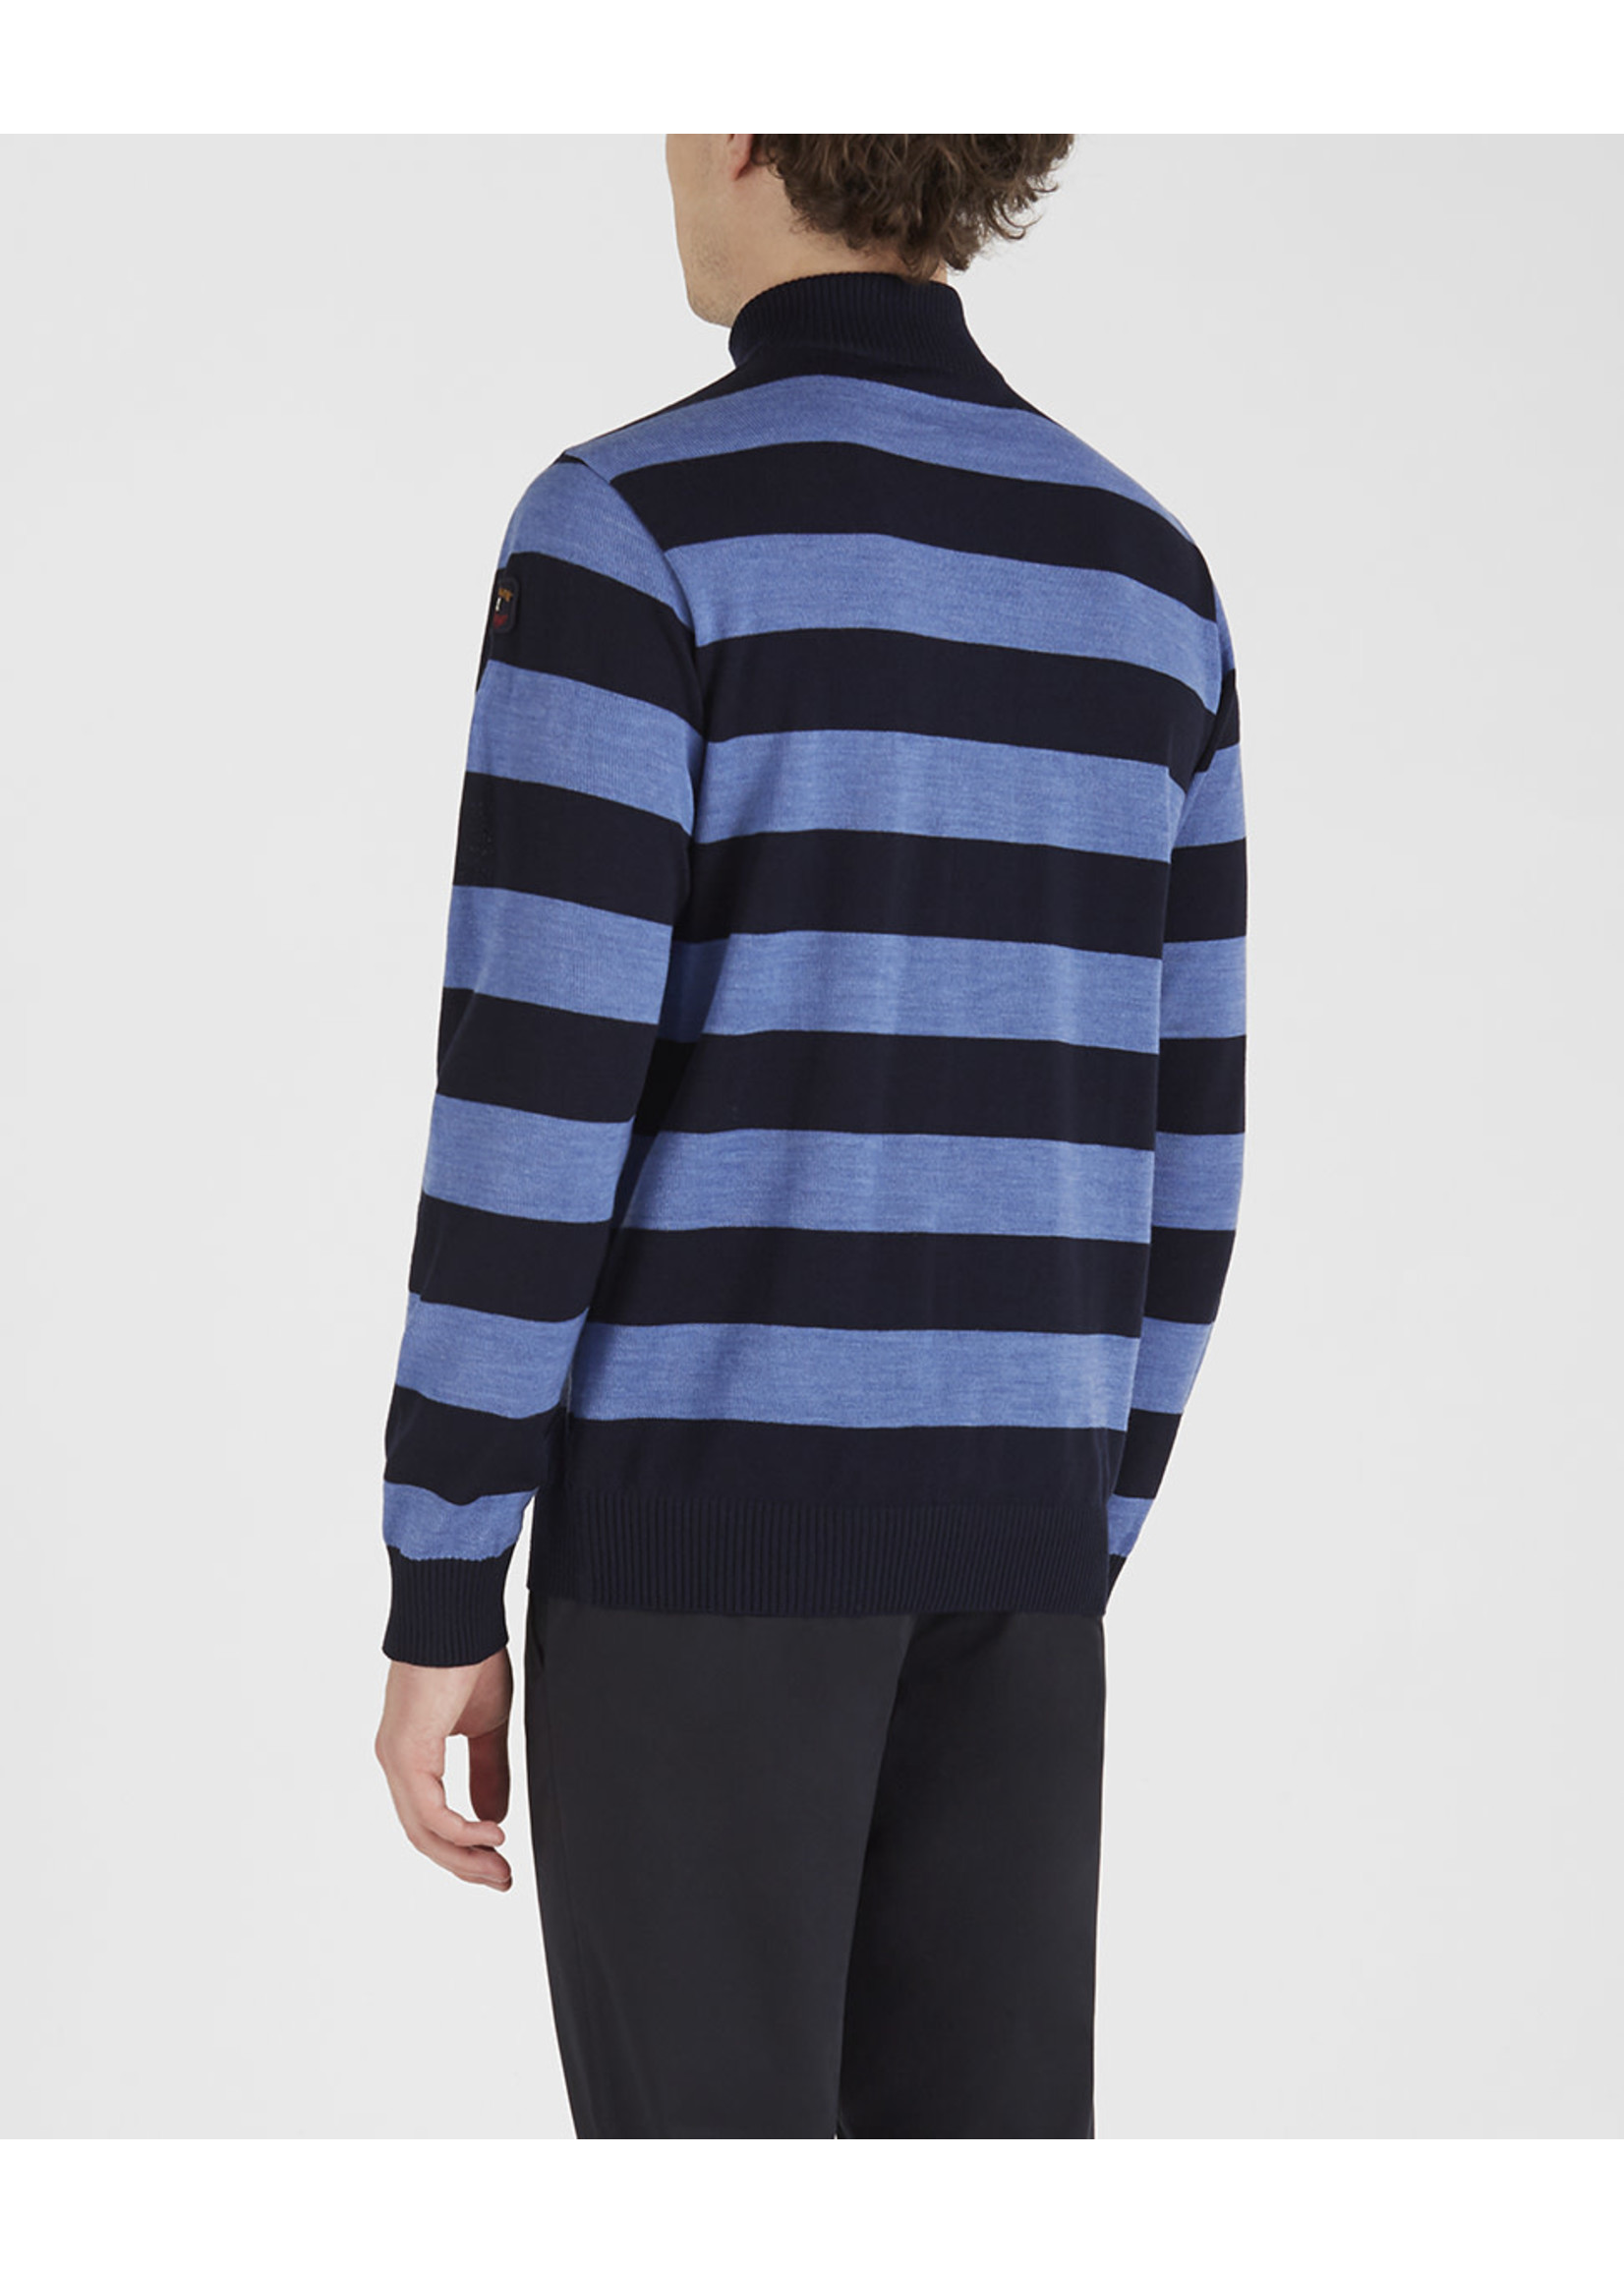 Paul & Shark rits pullover blauwe strepen